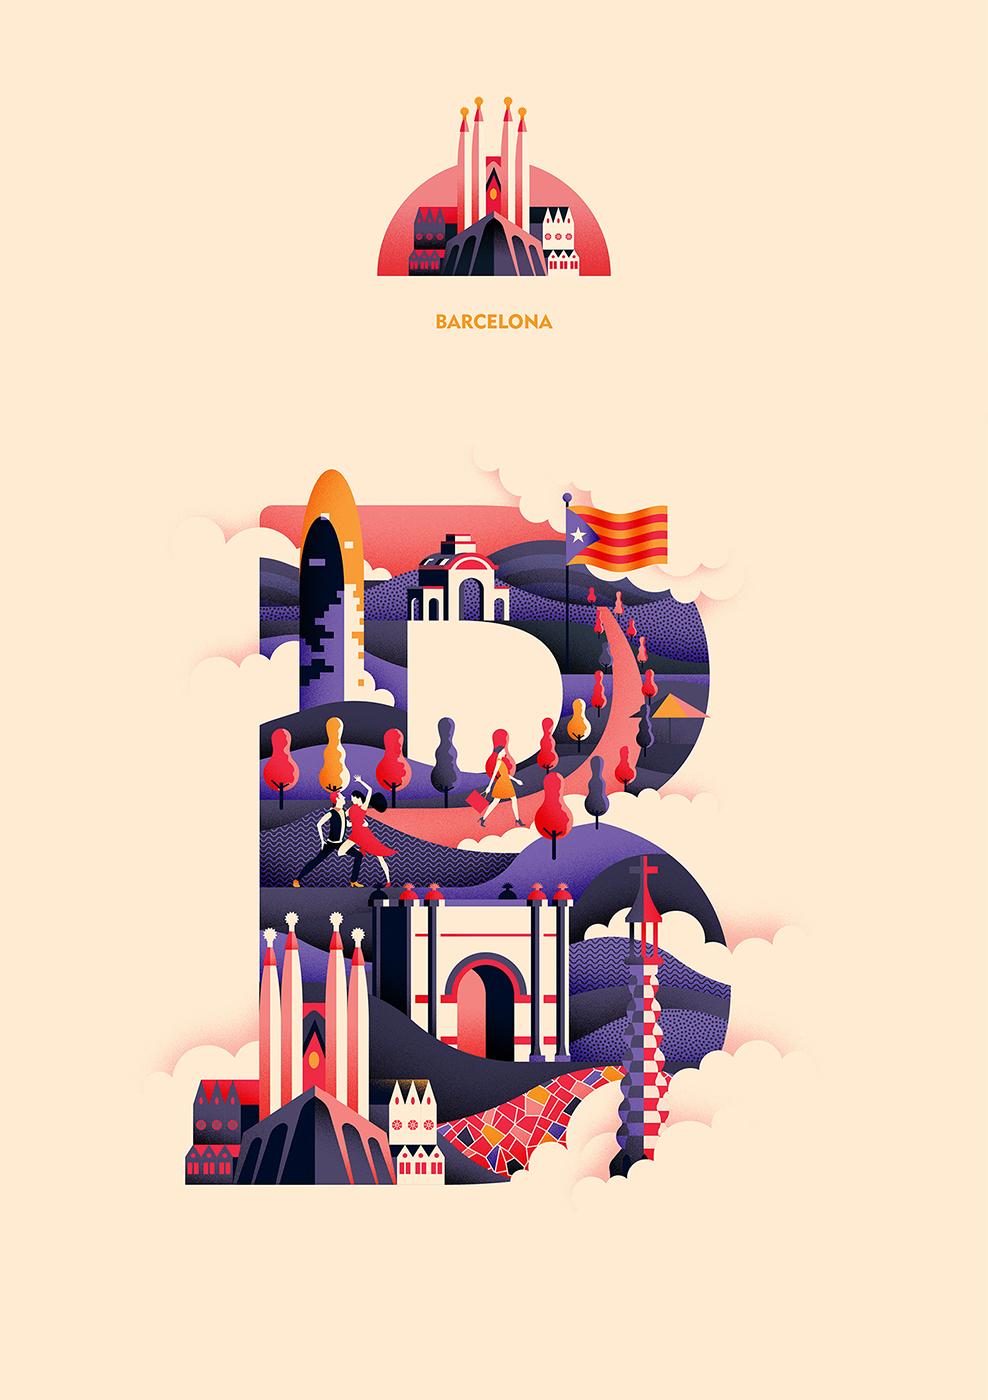 diseño gráfico, ilustraciones de ciudades